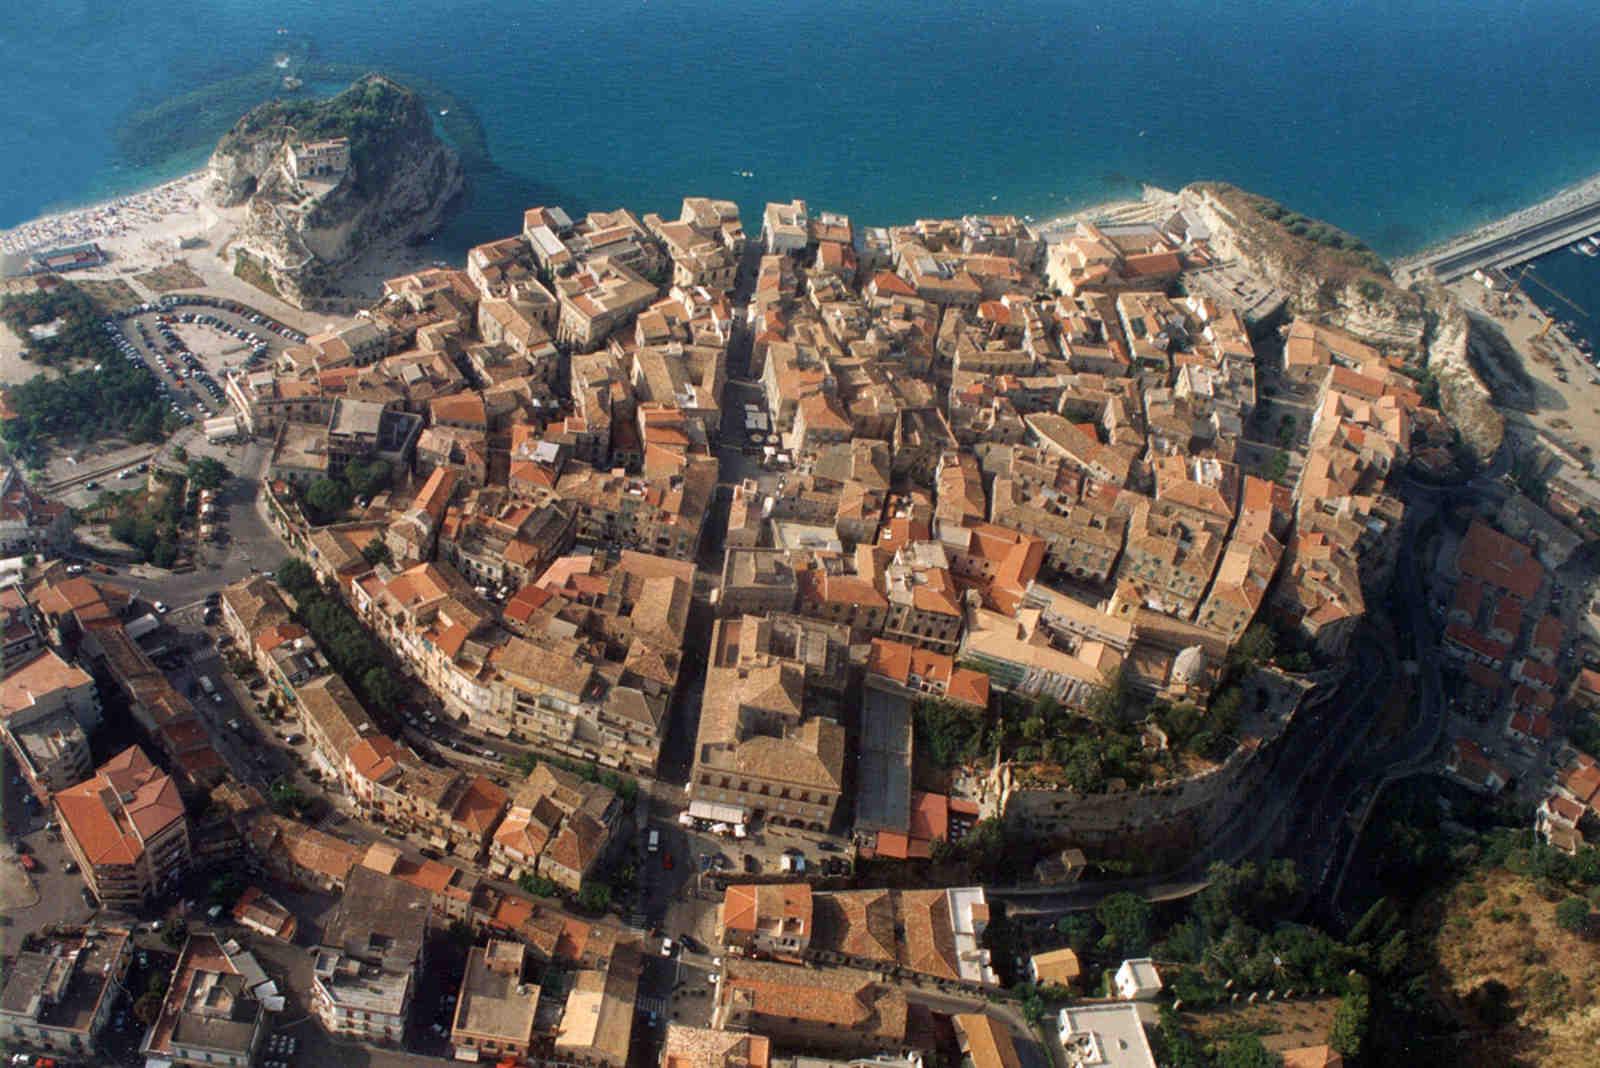 Immagine di Tropea dall'alto per capire la sua struttura